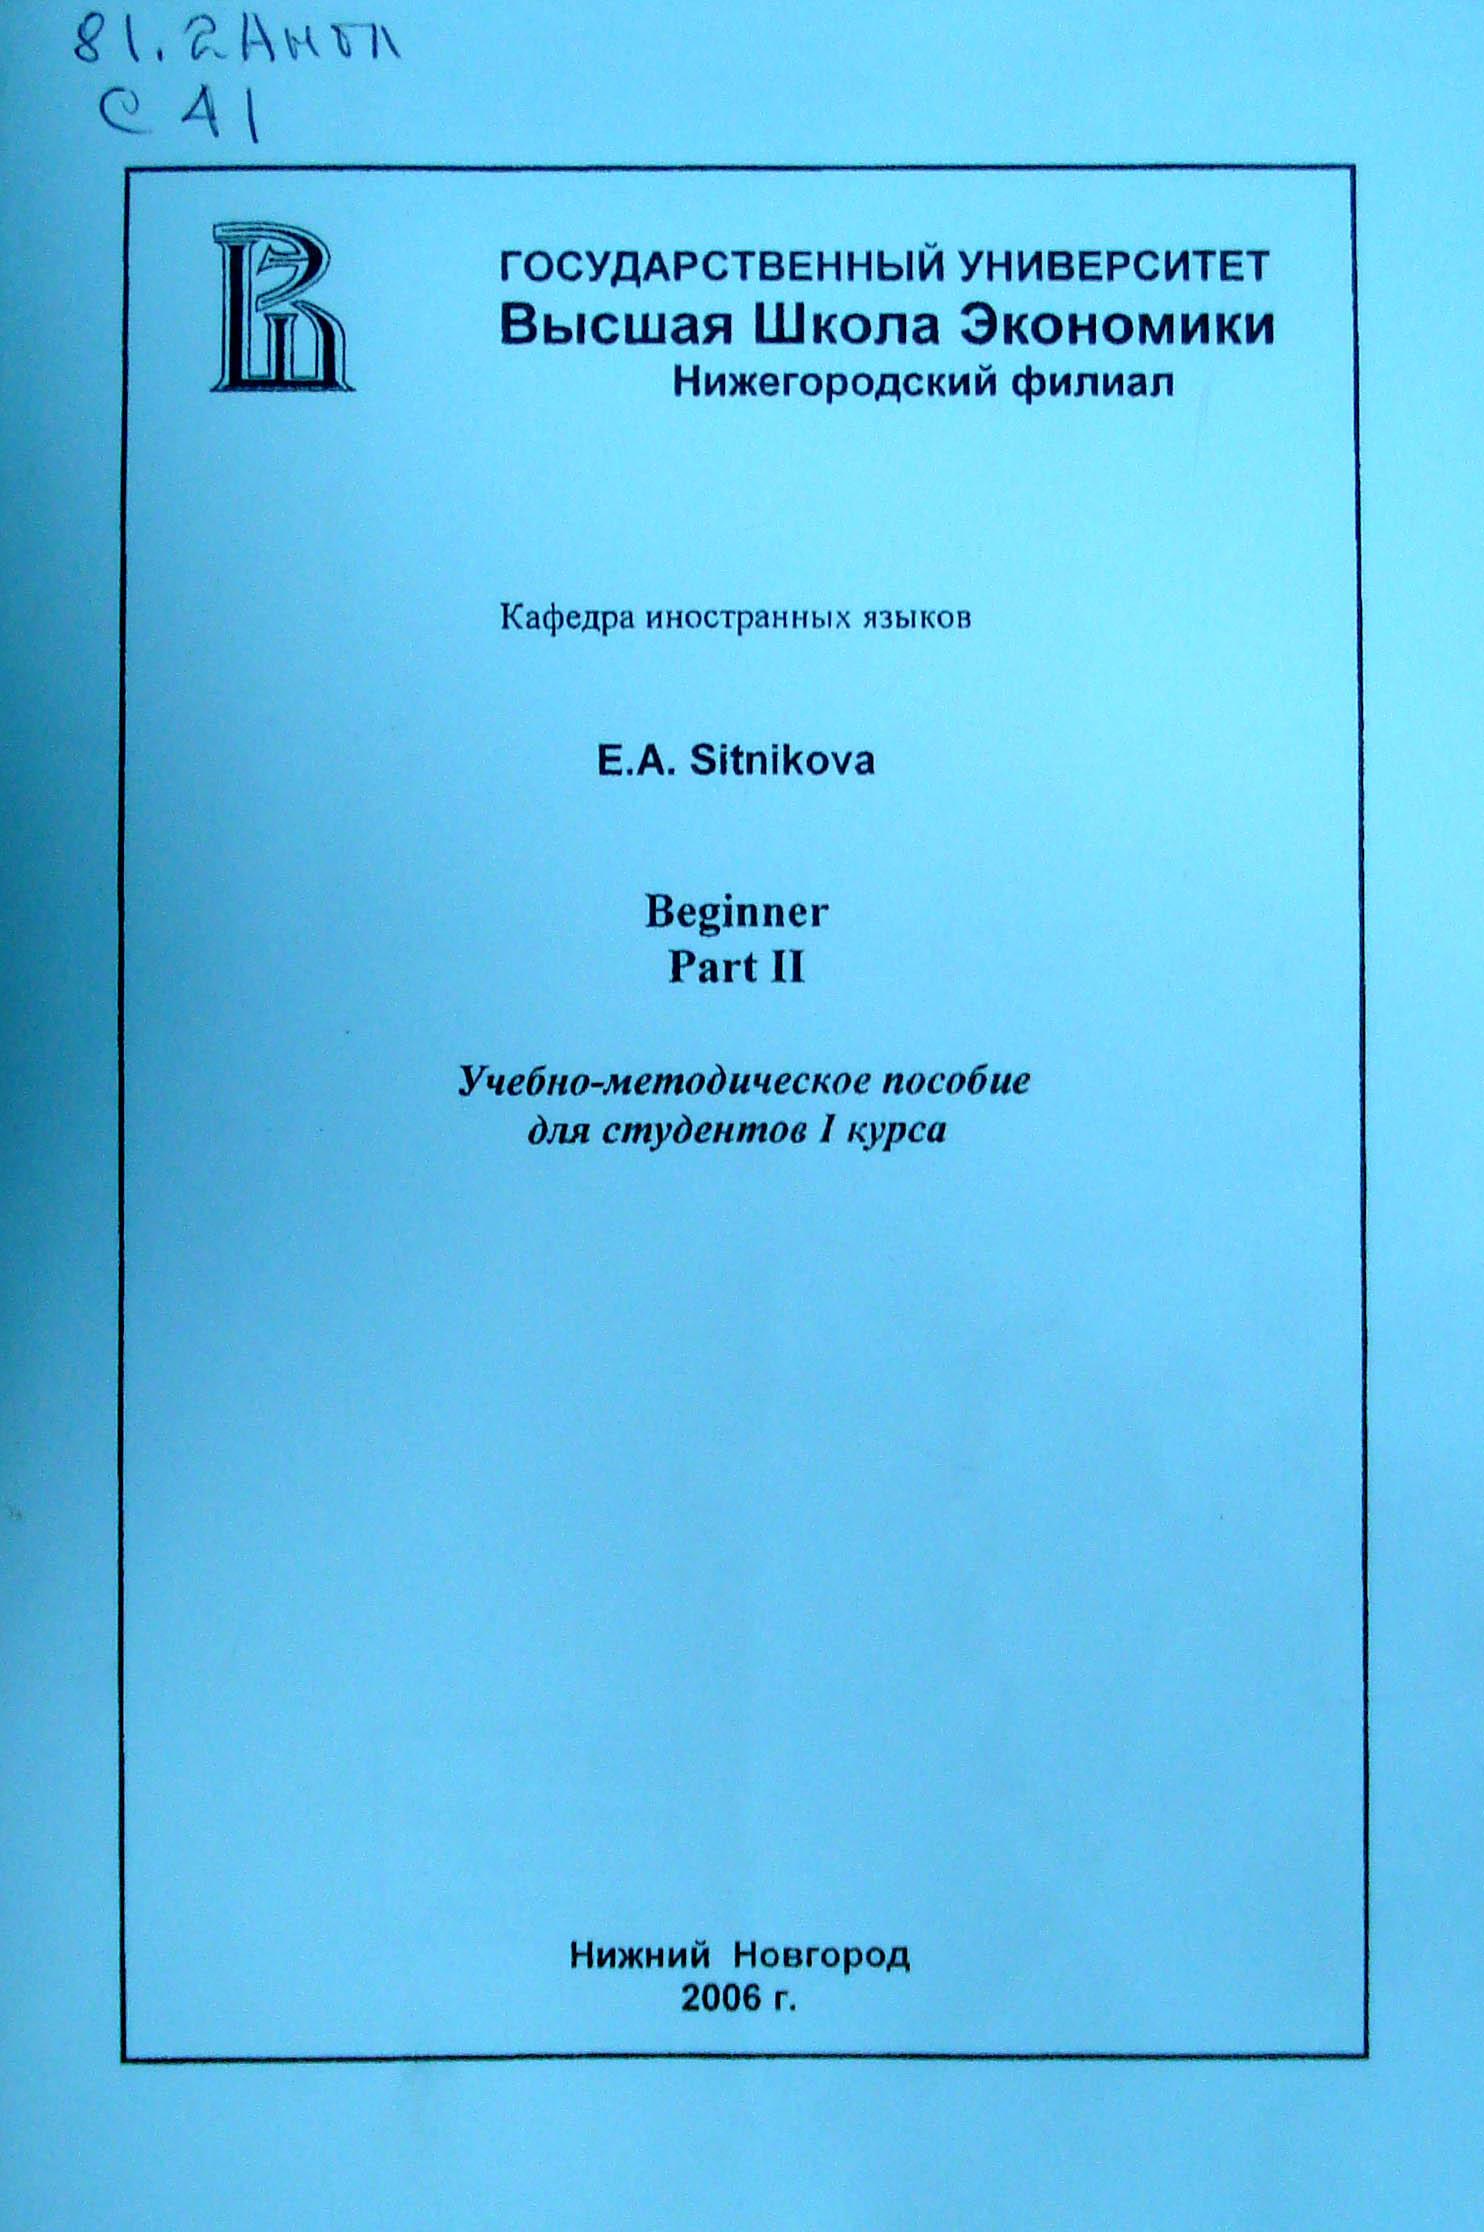 Методичка ⚠️: определение, виды, структура, написание, оформление